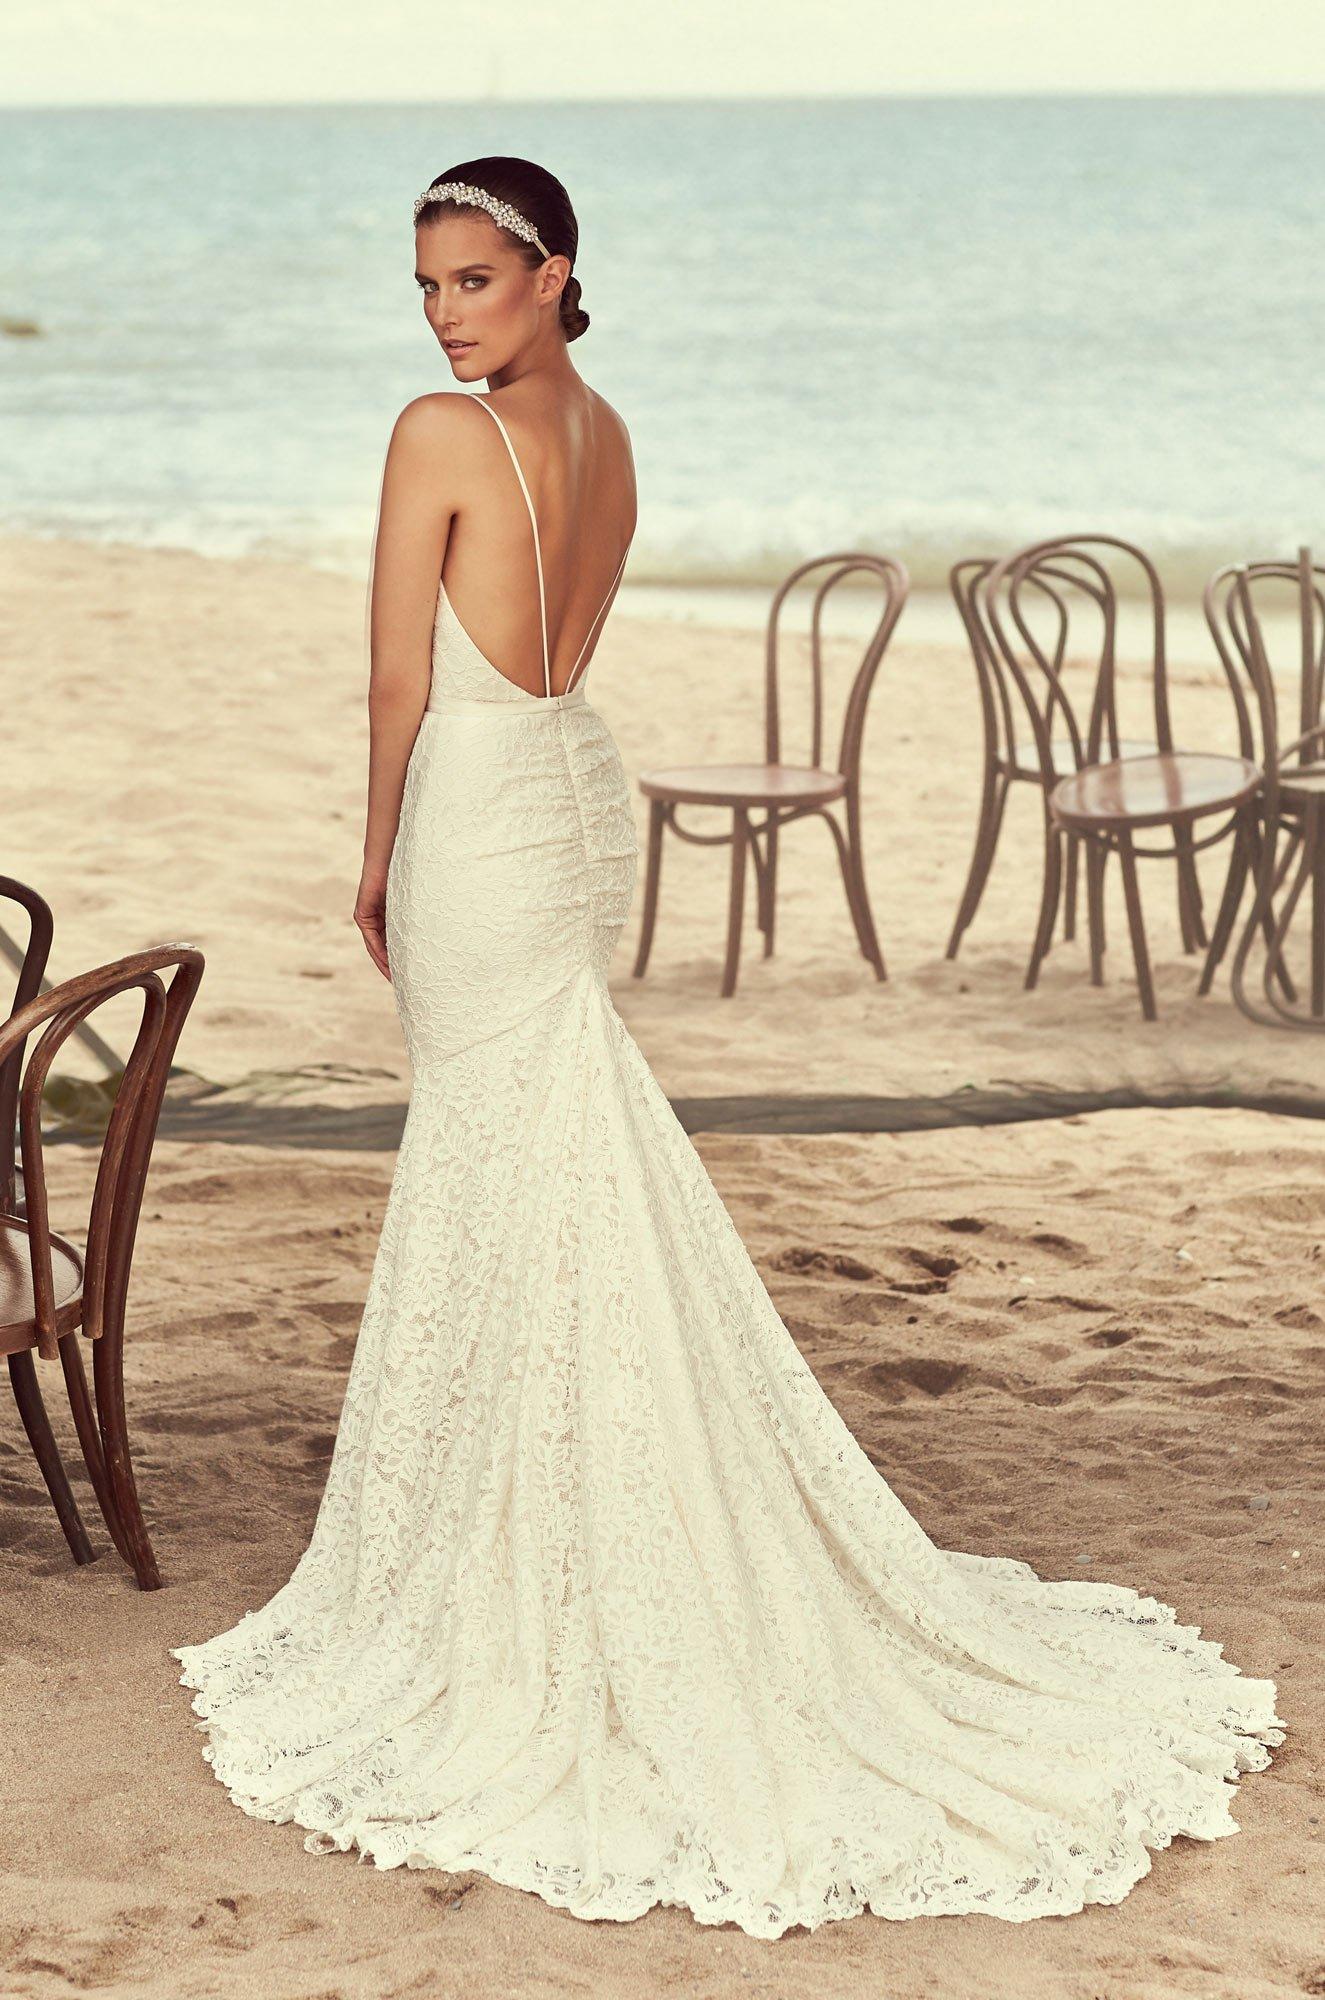 Glamorous Full Lace Wedding Dress – Style #2194 | Mikaella Bridal